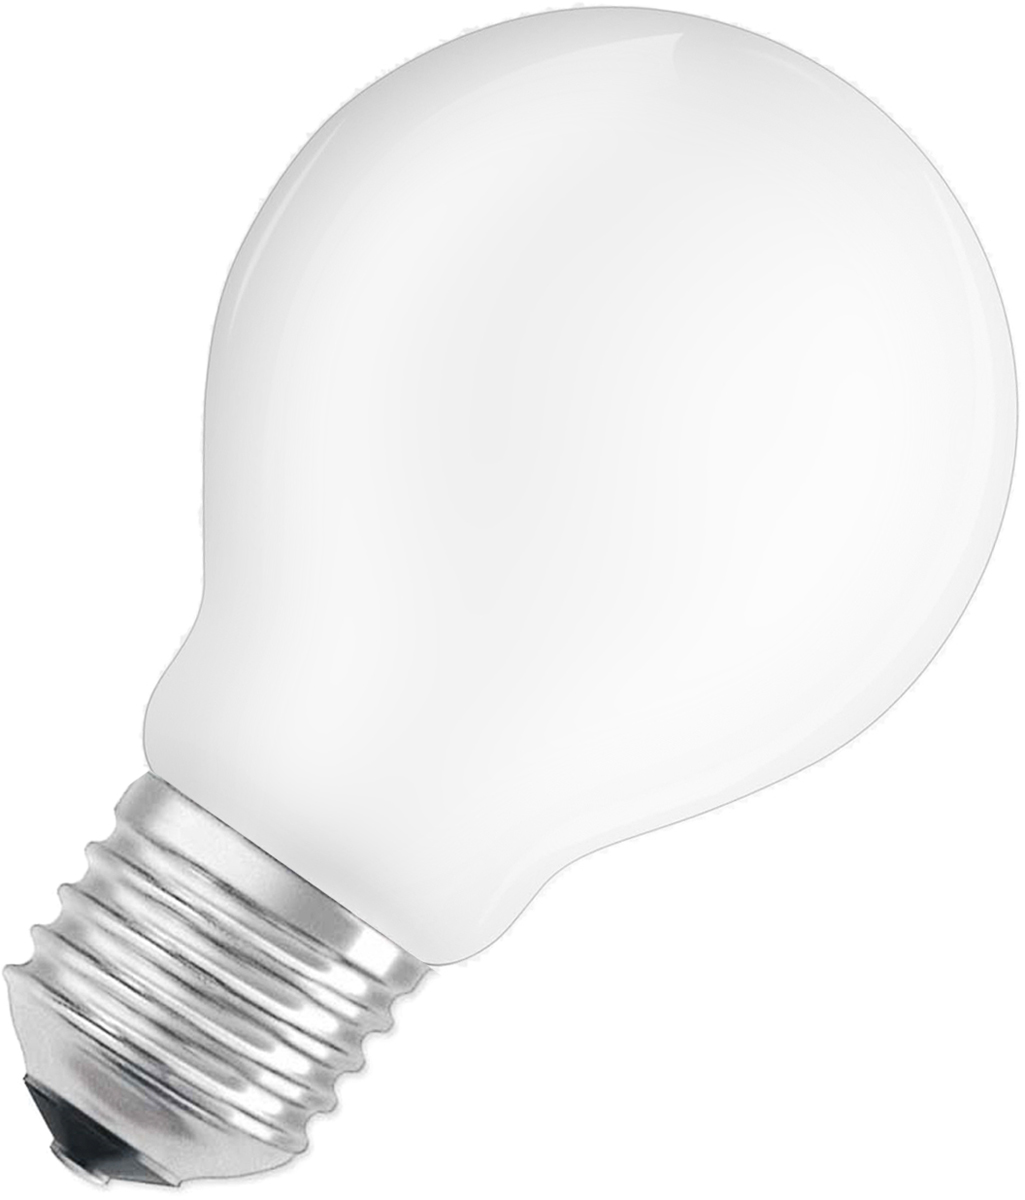 Лампа накаливания Osram Classic A FR 95W 230V E27 NCE 40580750278624058075027862Конструкция лампы состоит из стеклянной колбы, заполненной инертным газом. Основу устройства составляет тело накала или вольфрамовая спираль, которая под воздействием электрического тока начинает излучать свечение.Лампы накаливания используются для всеобщего, местного и наружного освещения в быту и промышленности в сетях переменного тока напряжением 220 В частотой 50 Гц